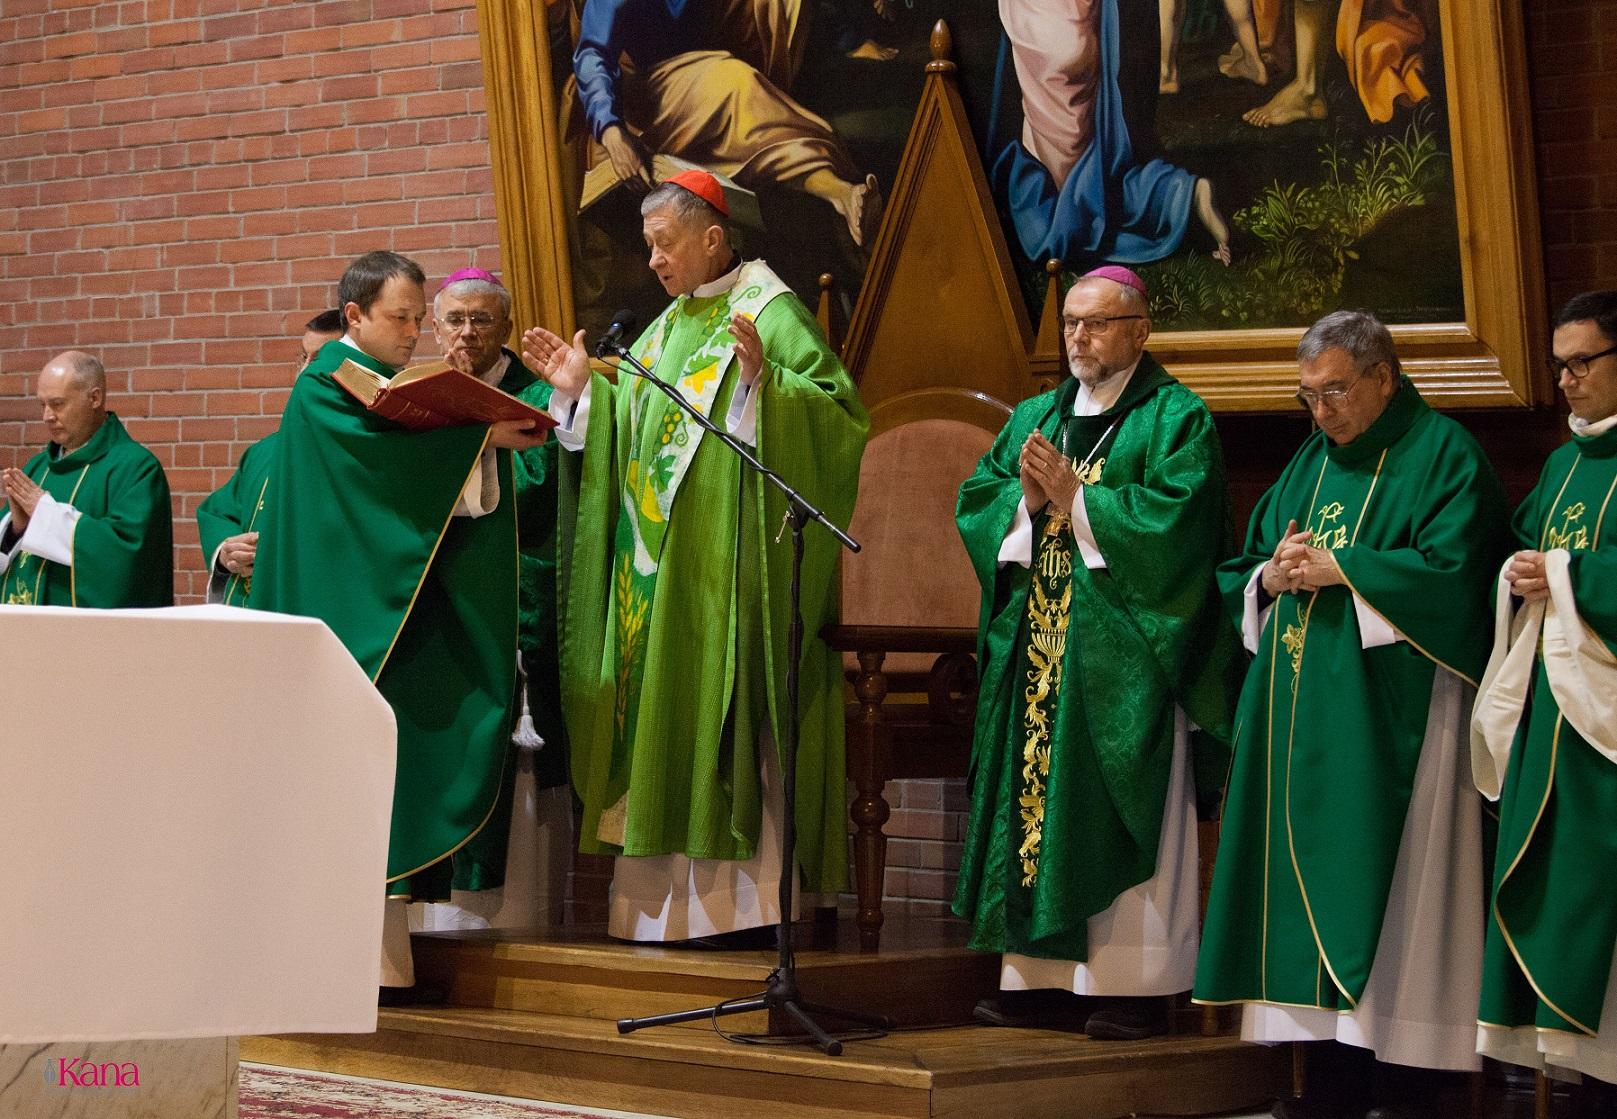 Визит кардинала Блейза Супича в Новосибирск завершился Мессой в Кафедральном соборе